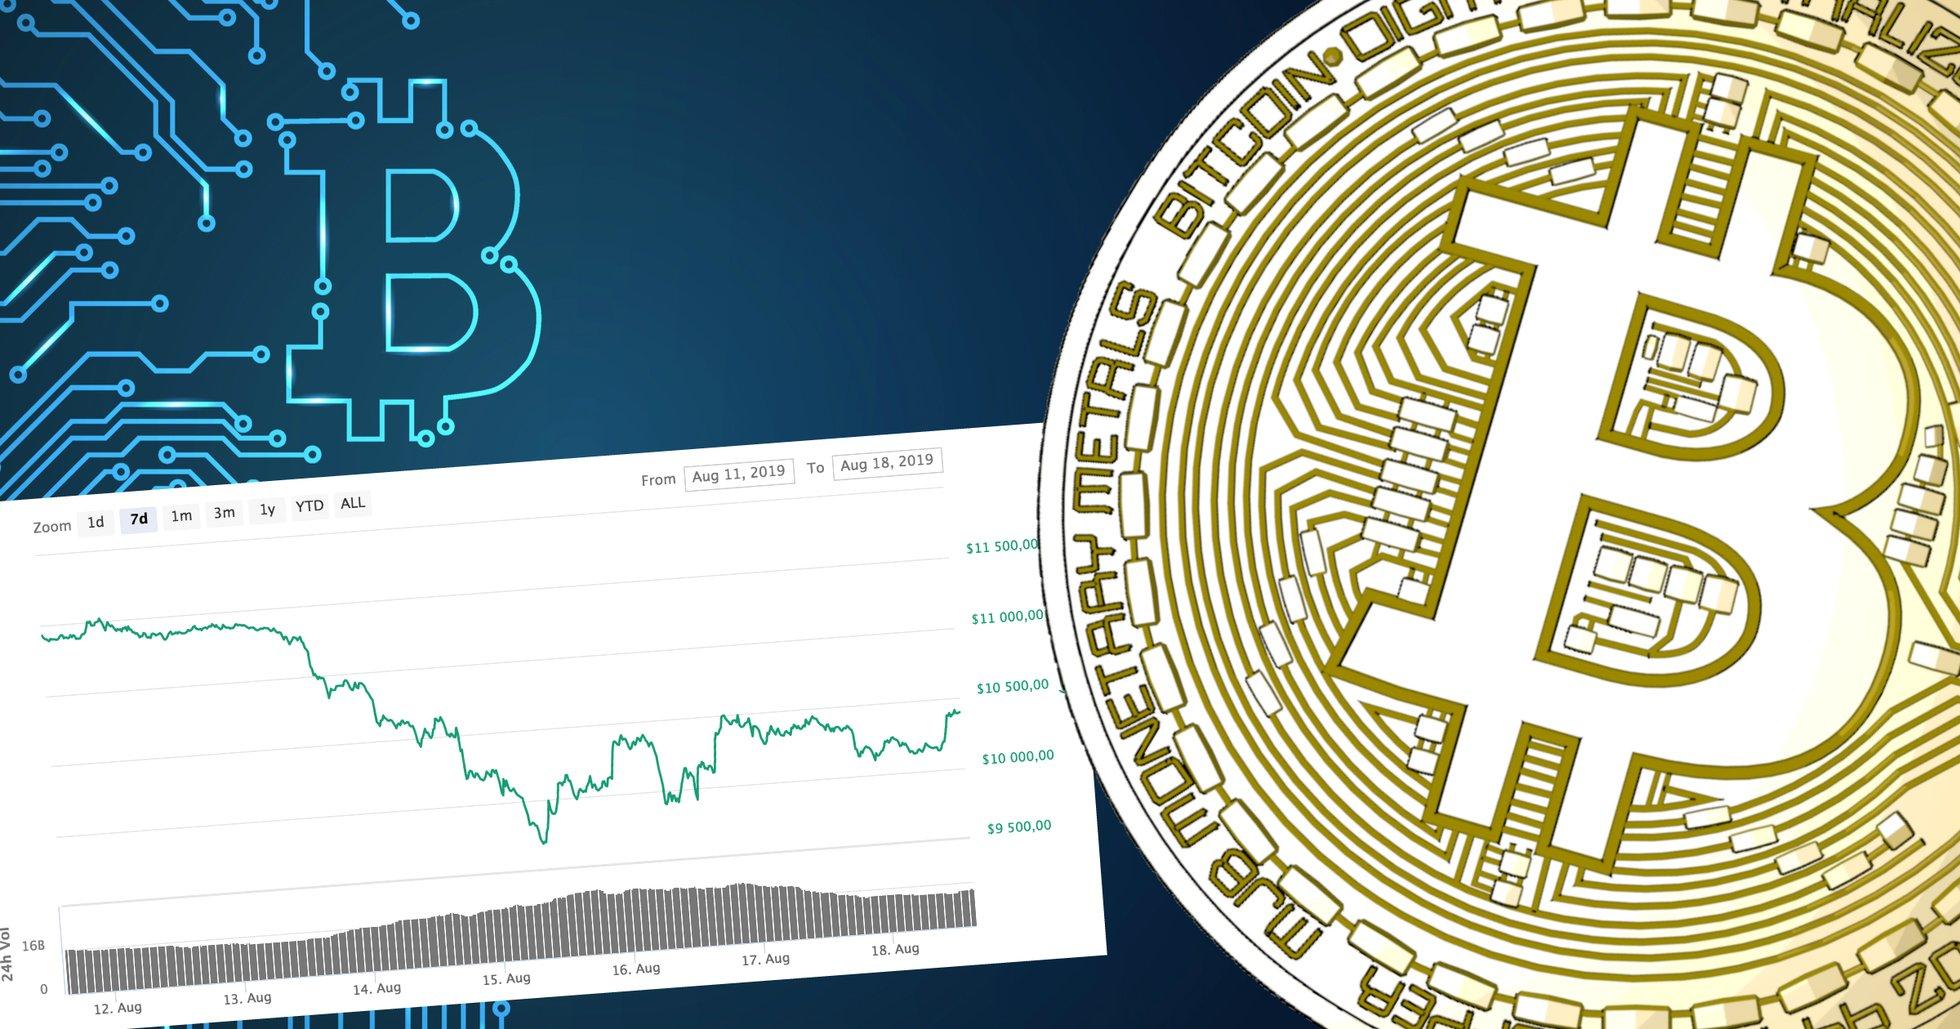 Bitcoinpriset ner 12 procent under veckan – kämpar för att hålla sig över 10 000 dollar.